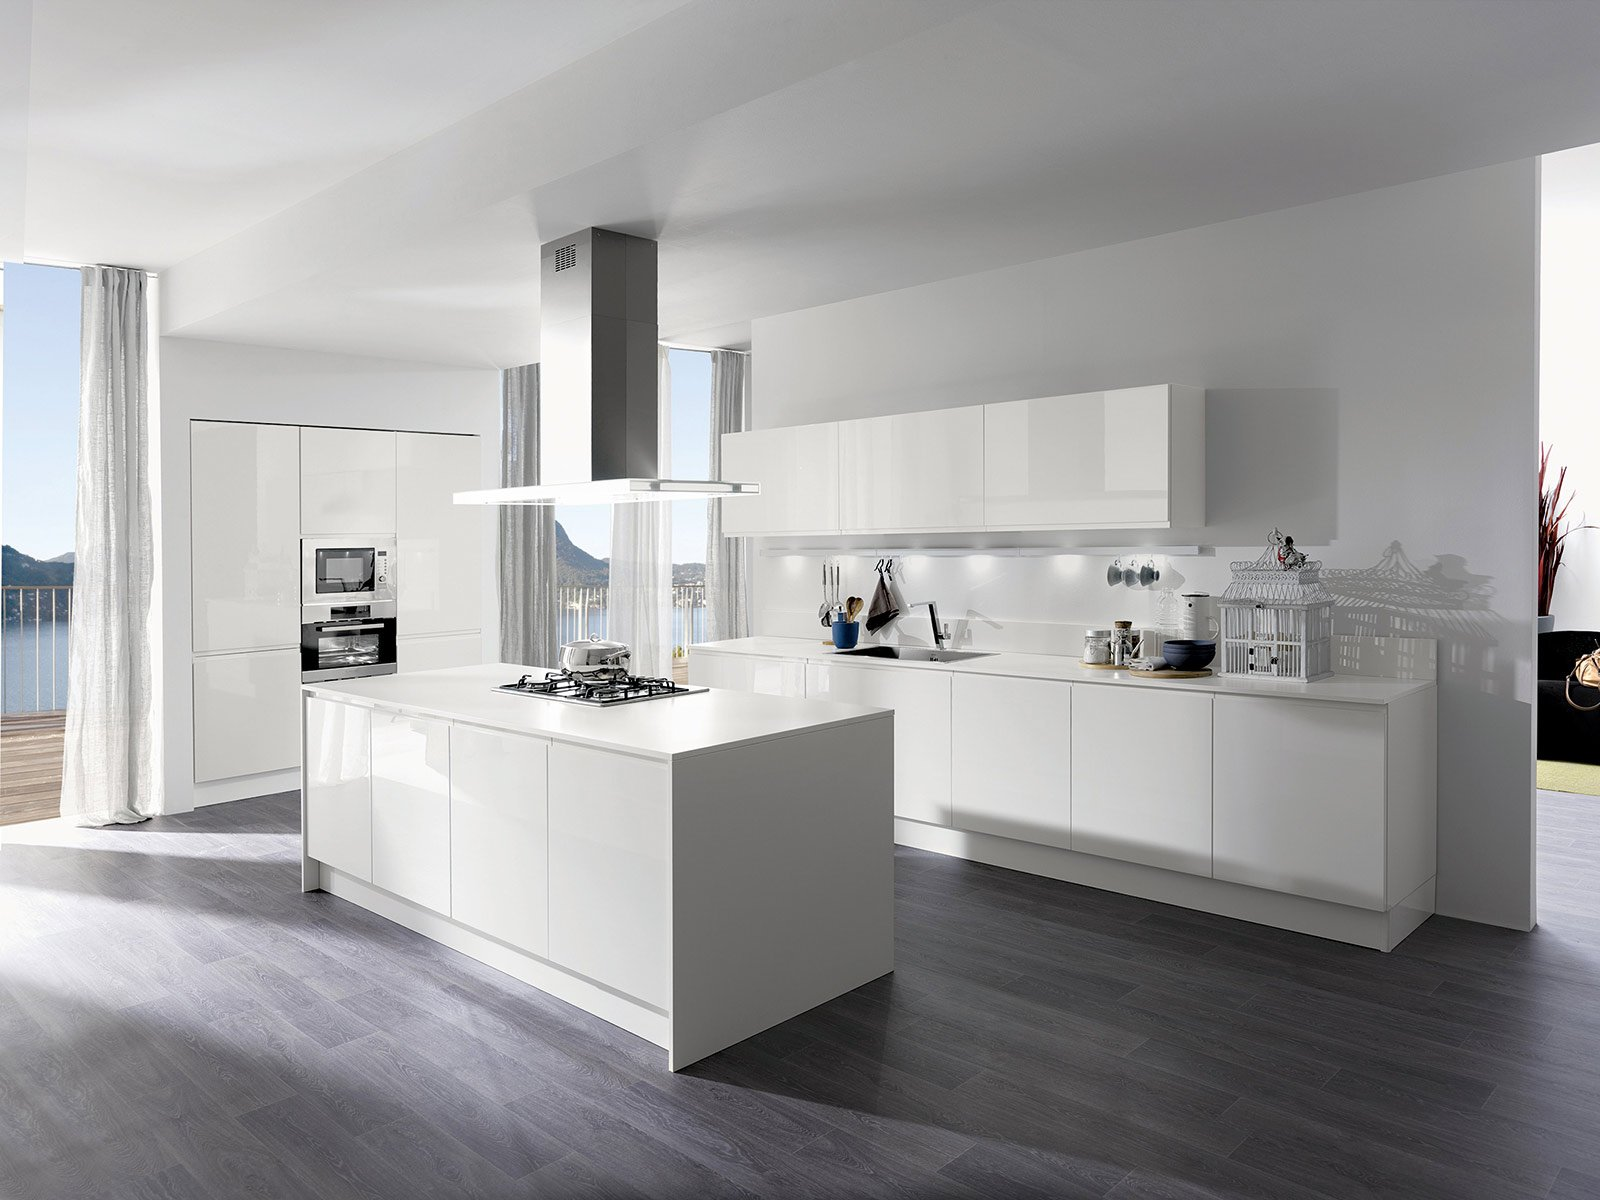 Cucina: la voglio tutta bianca cose di casa